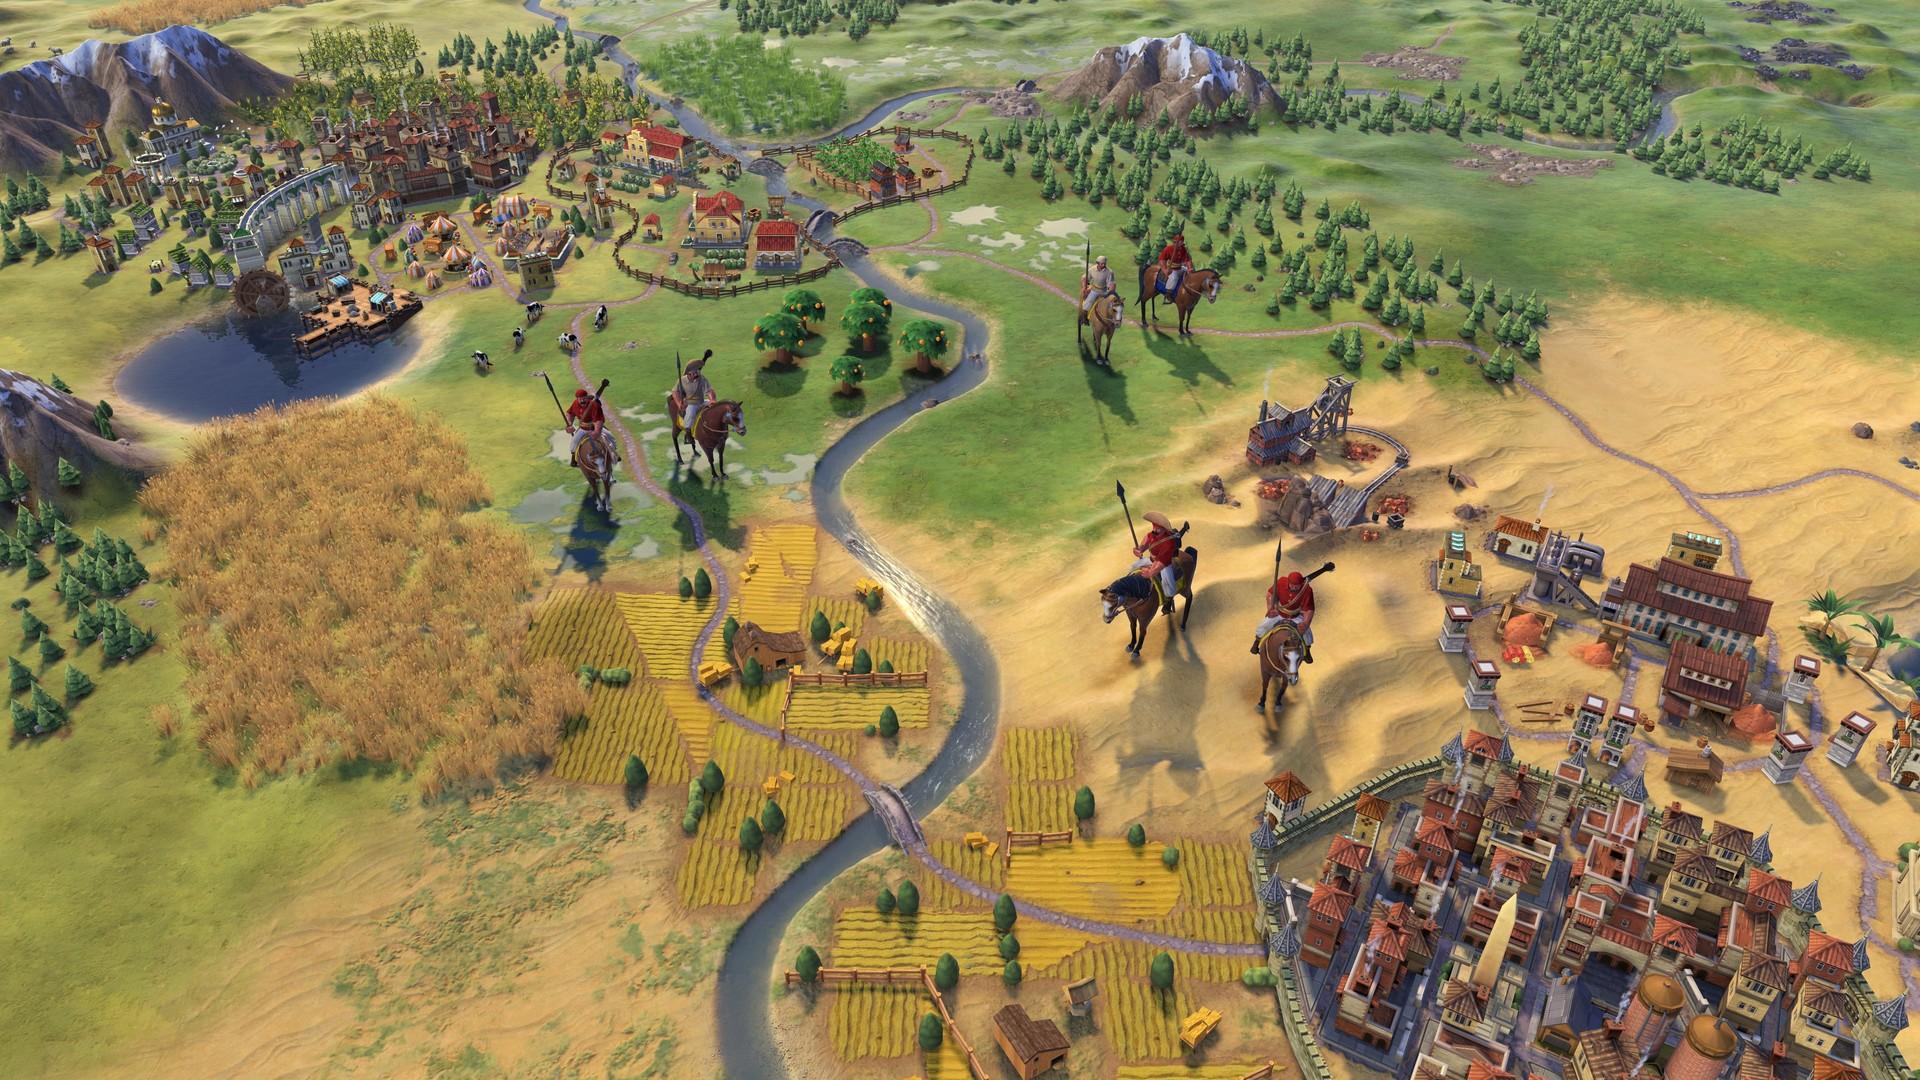 civilization-6-pc-screenshot-04